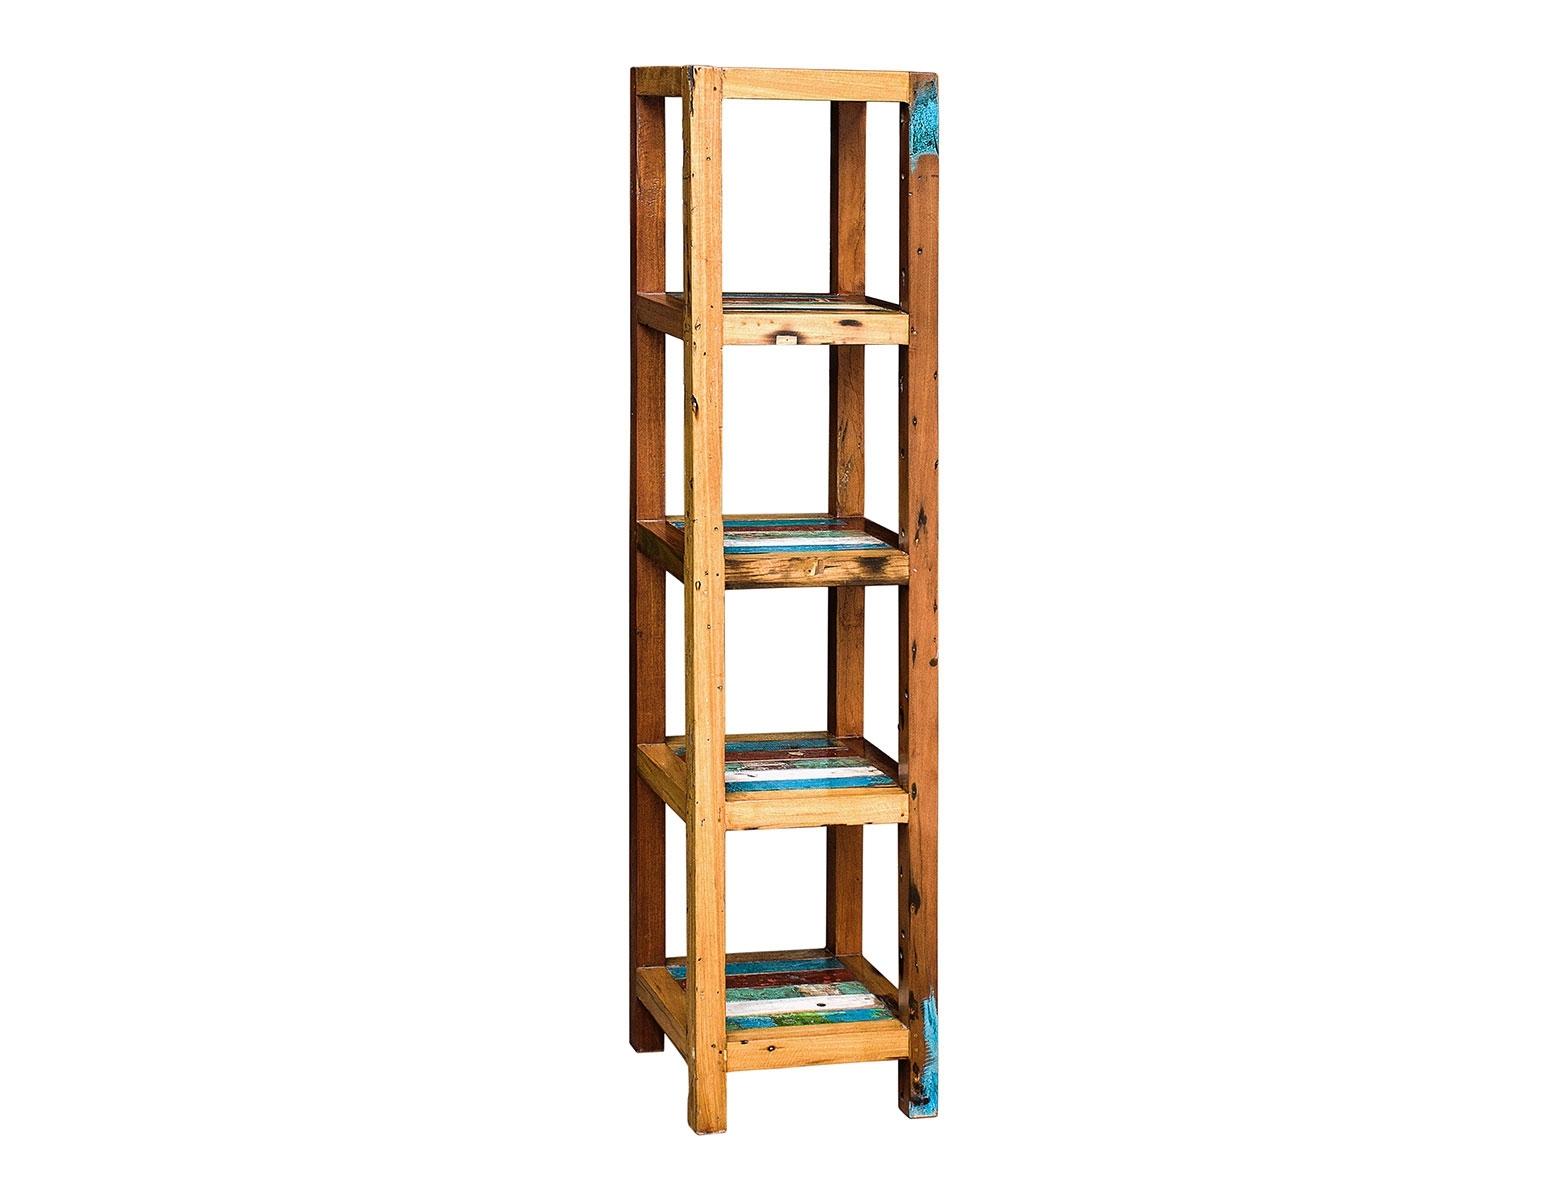 Стеллаж ВавилонСтеллажи и этажерки<br>Напольный стеллаж, выполненный из массива древесины старого рыбацкого судна с сохранением оригинальной многослойной окраски.&amp;amp;nbsp;&amp;lt;span style=&amp;quot;line-height: 1.78571;&amp;quot;&amp;gt;Имеет 5 полок разной вместимости.&amp;amp;nbsp;&amp;lt;/span&amp;gt;&amp;lt;span style=&amp;quot;line-height: 1.78571;&amp;quot;&amp;gt;Подходит для использования как внутри помещения, так и снаружи.&amp;lt;/span&amp;gt;&amp;lt;div&amp;gt;&amp;lt;br&amp;gt;&amp;lt;/div&amp;gt;<br><br>Material: Тик<br>Ширина см: 40<br>Высота см: 175<br>Глубина см: 40